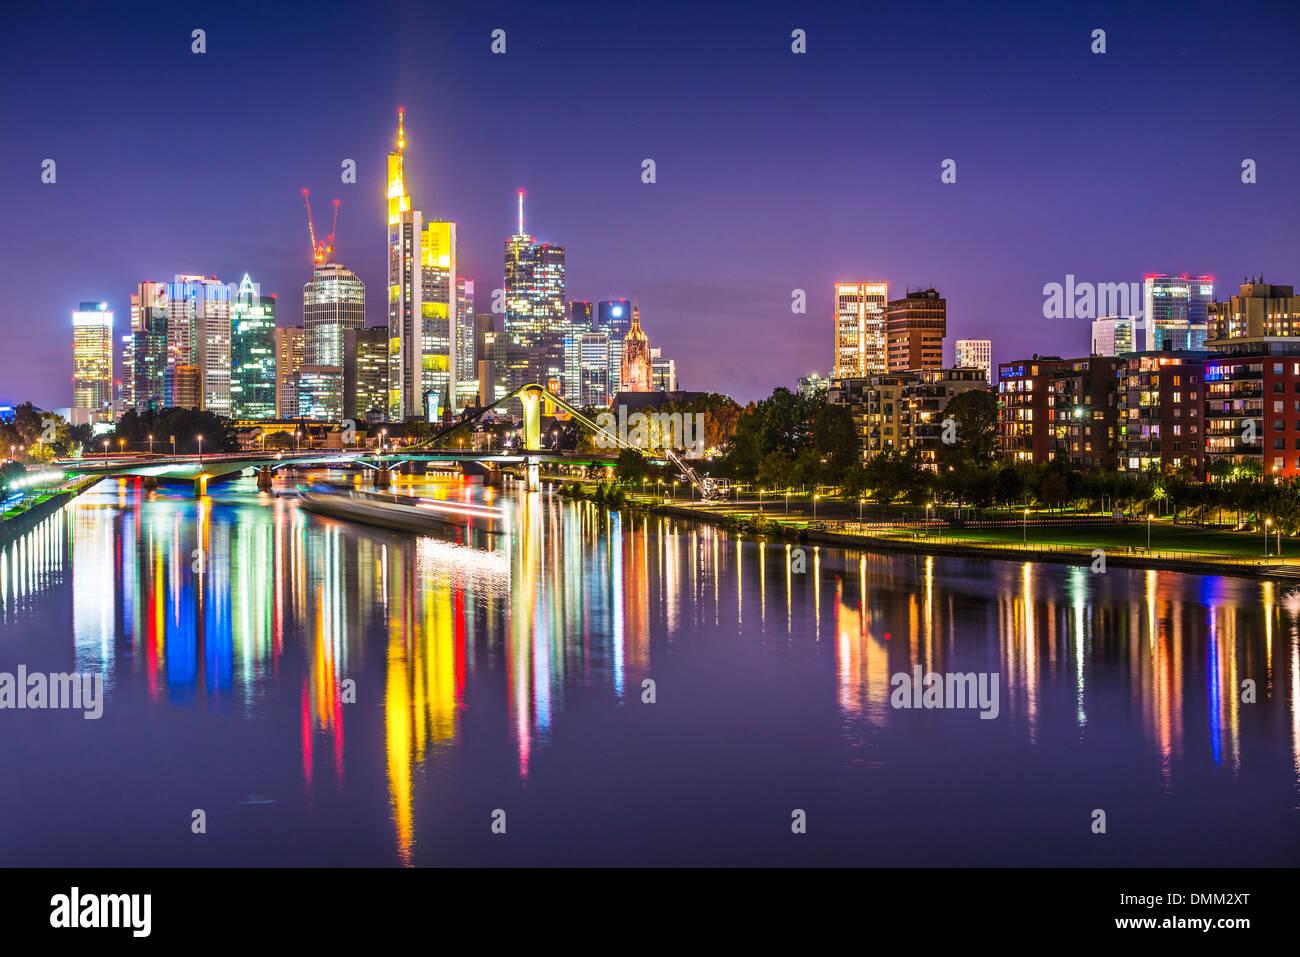 Francfort, Allemagne, sur la rivière principale. Photo Stock